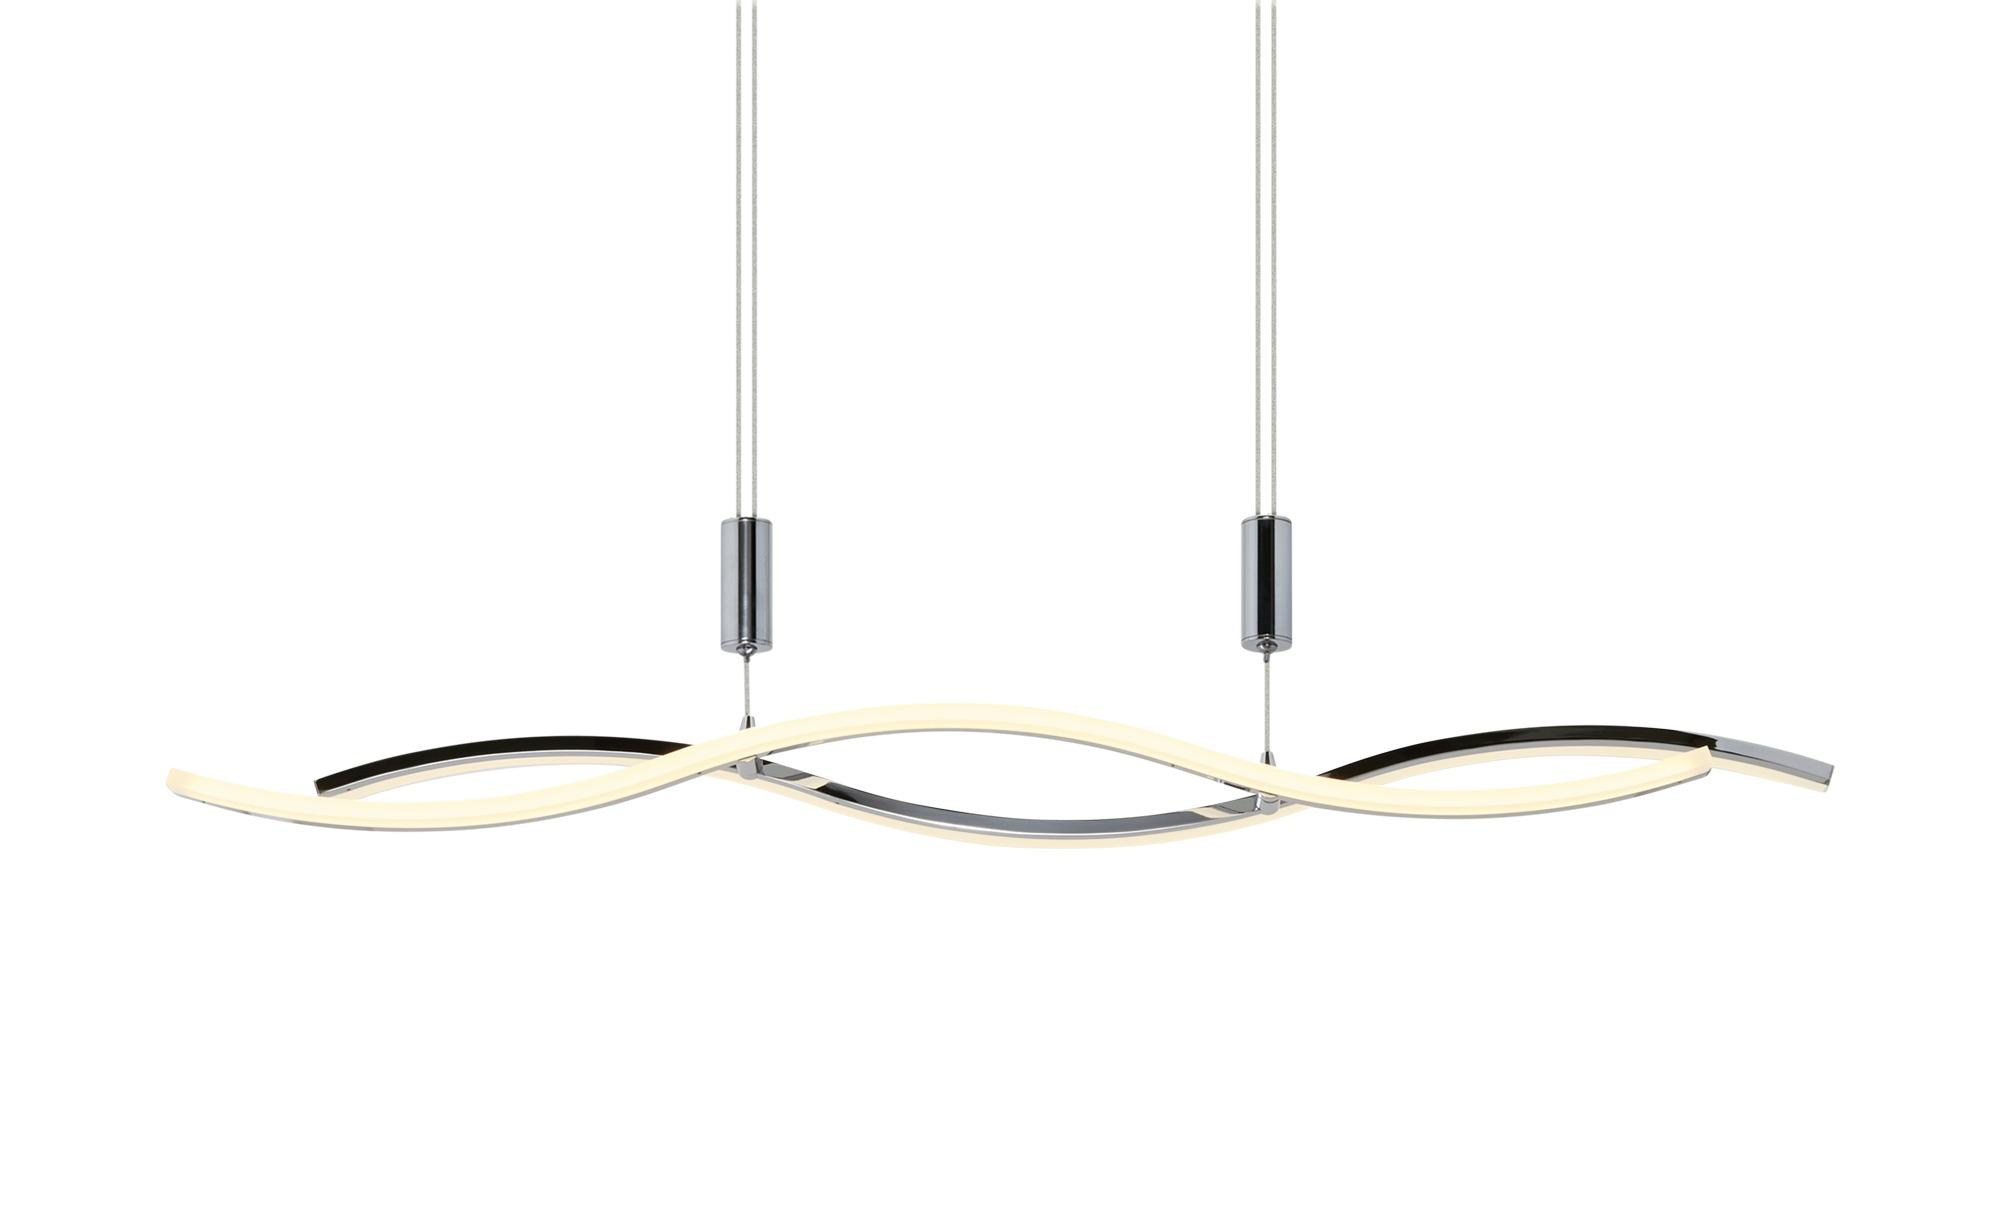 KHG LED-Pendelleuchte, chrom `Wavy´ ¦ silber ¦ Maße (cm): B: 8 H: 150 Lampen & Leuchten > LED-Leuchten > LED-Pendelleuchten - Höffner